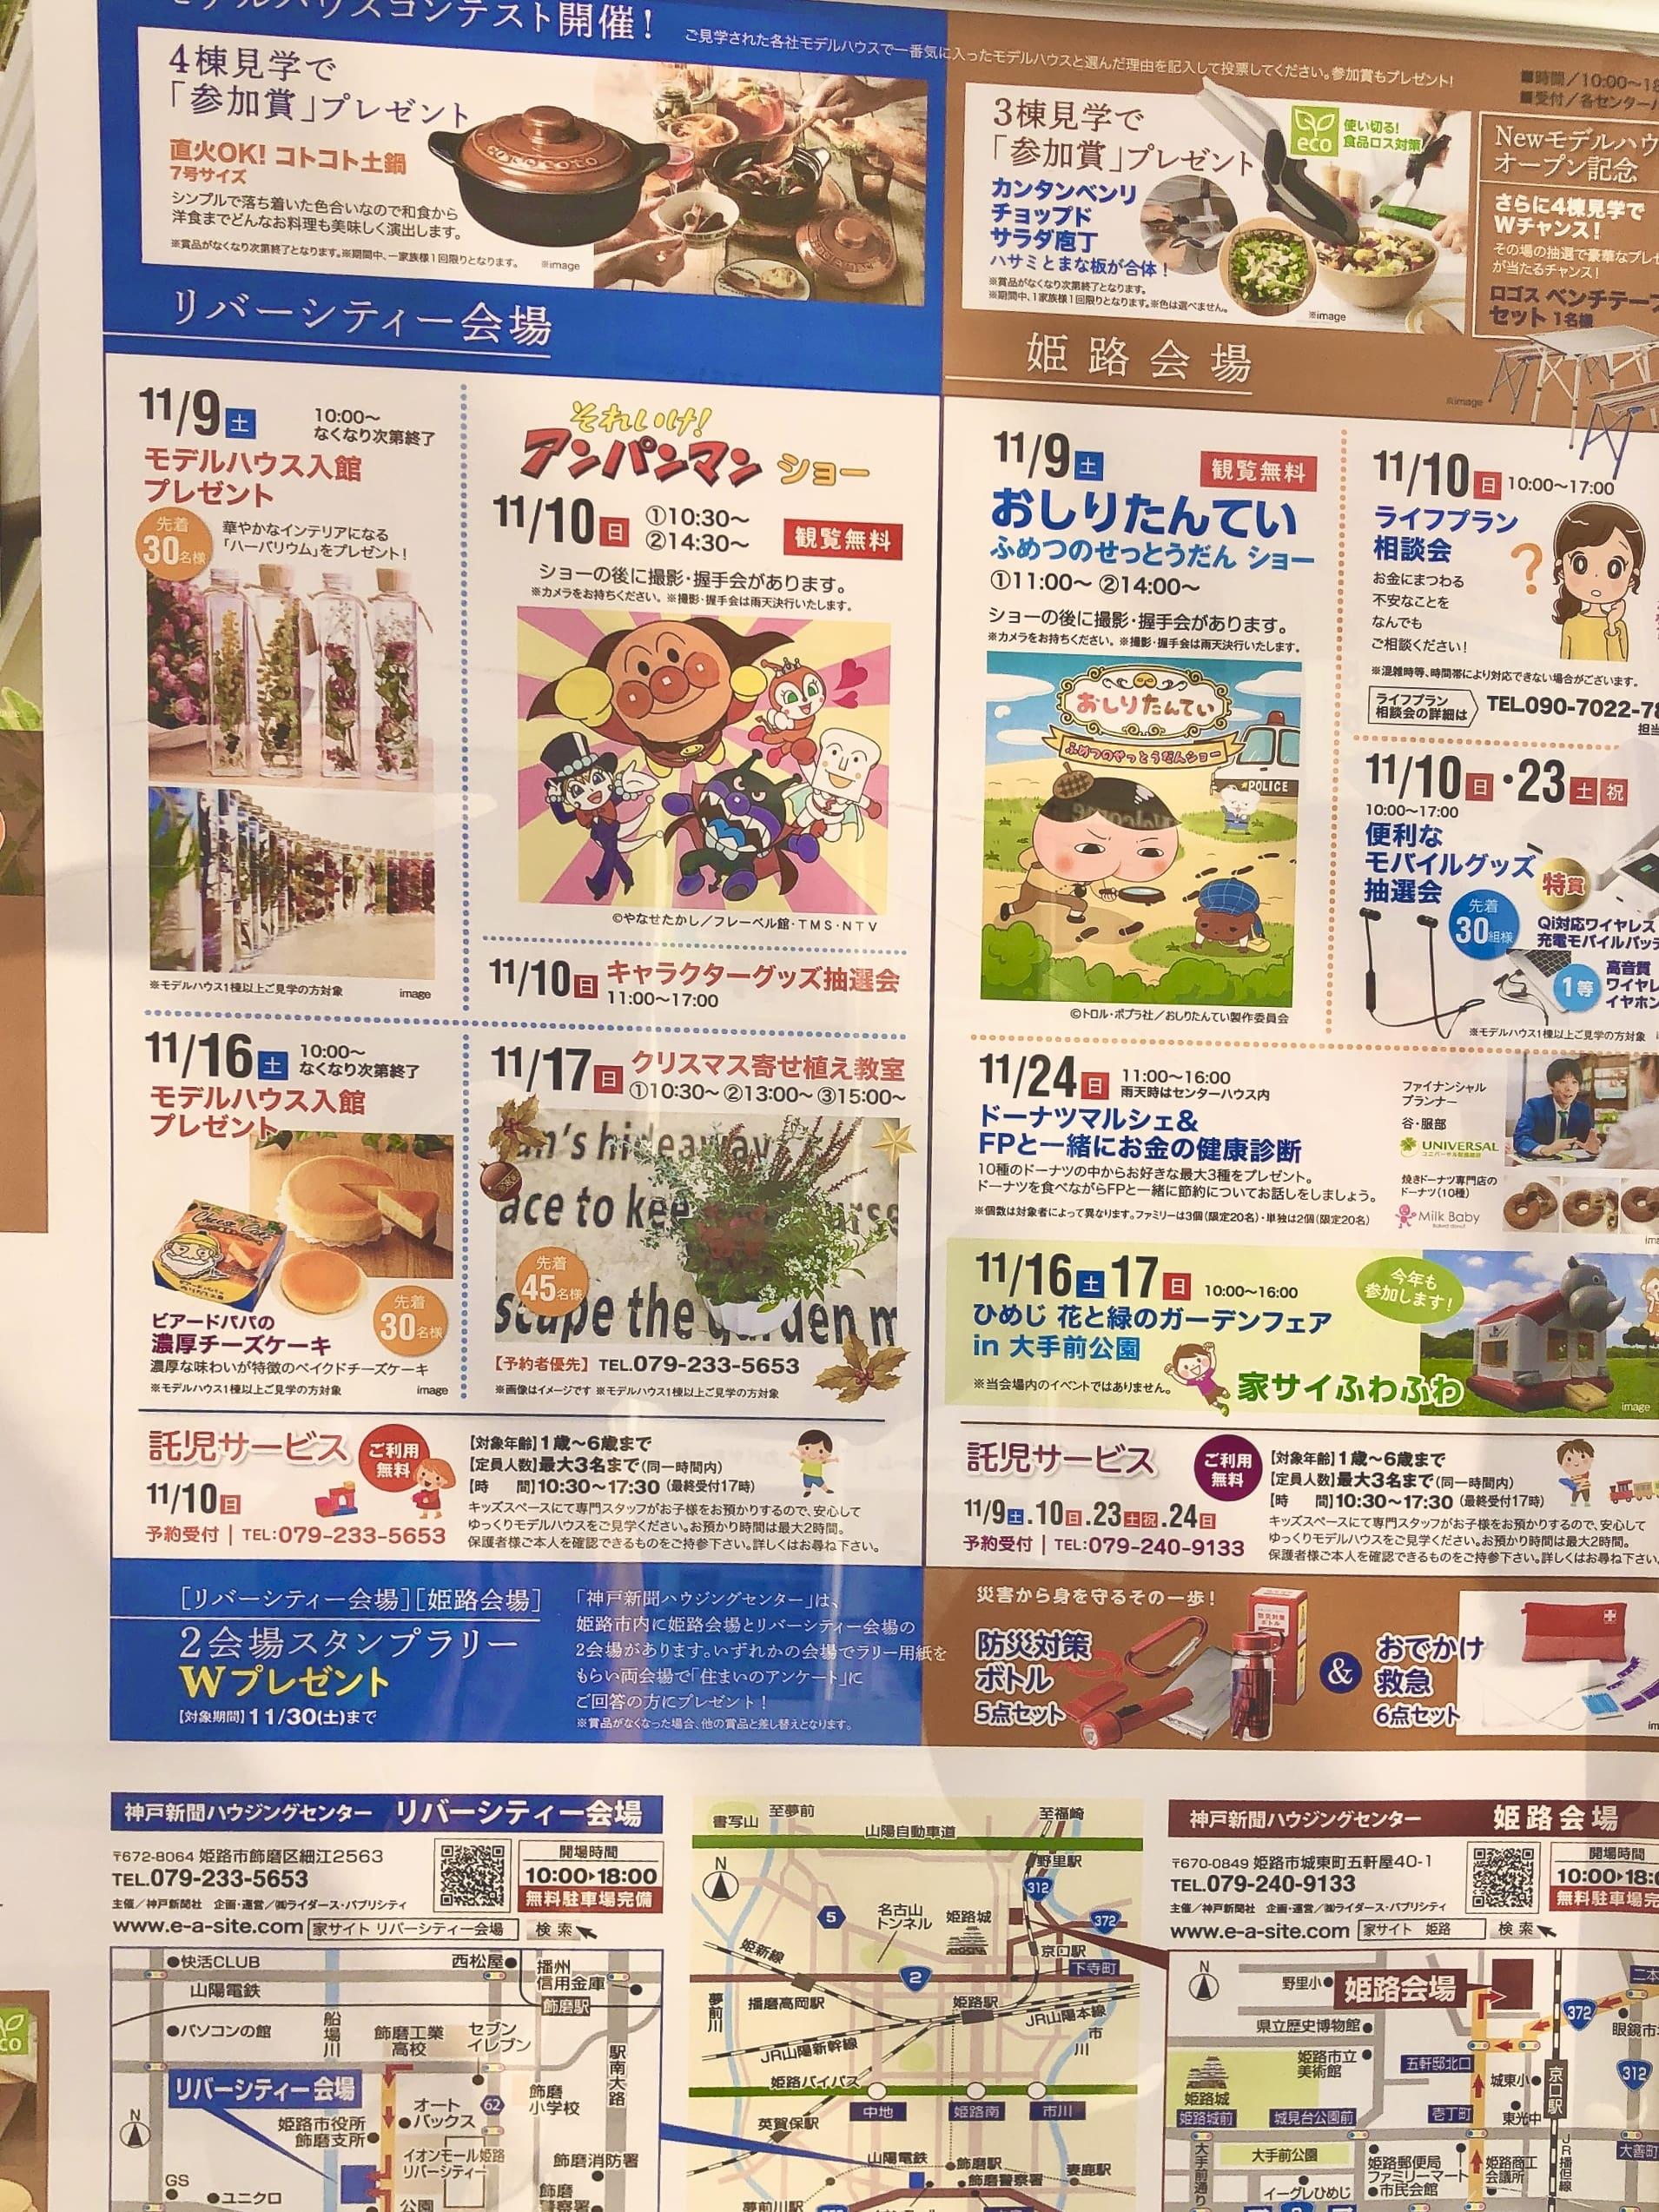 神戸新聞ハウジングセンターイベント情報